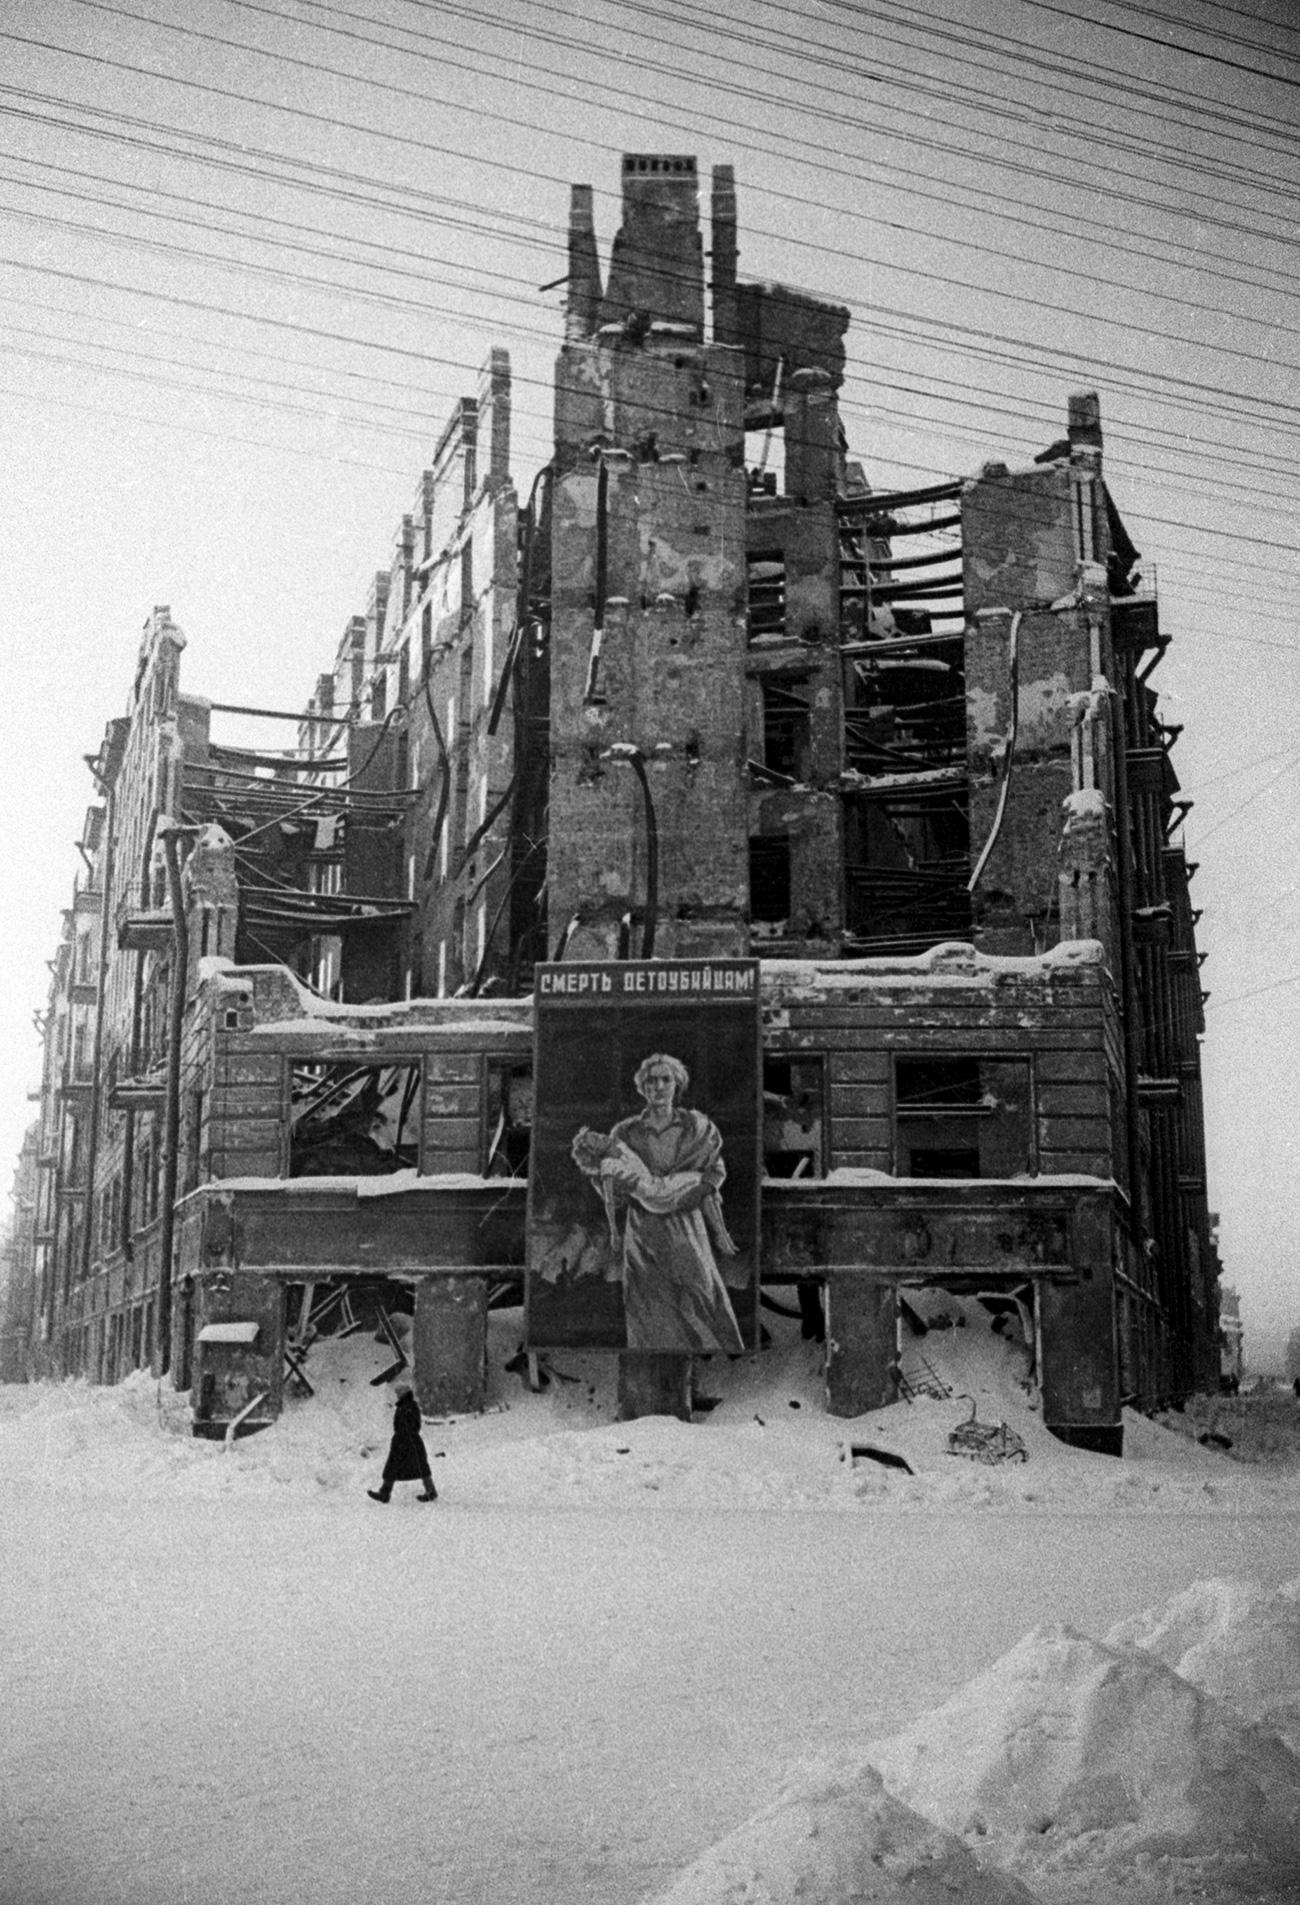 Dopo le incursioni aeree nei palazzi si aprivano enormi squarci causati delle bombe. Per segnalare le zone a rischio e celare un po' l'orrore delle devastazioni venivano appesi dei manifesti sugli edifici